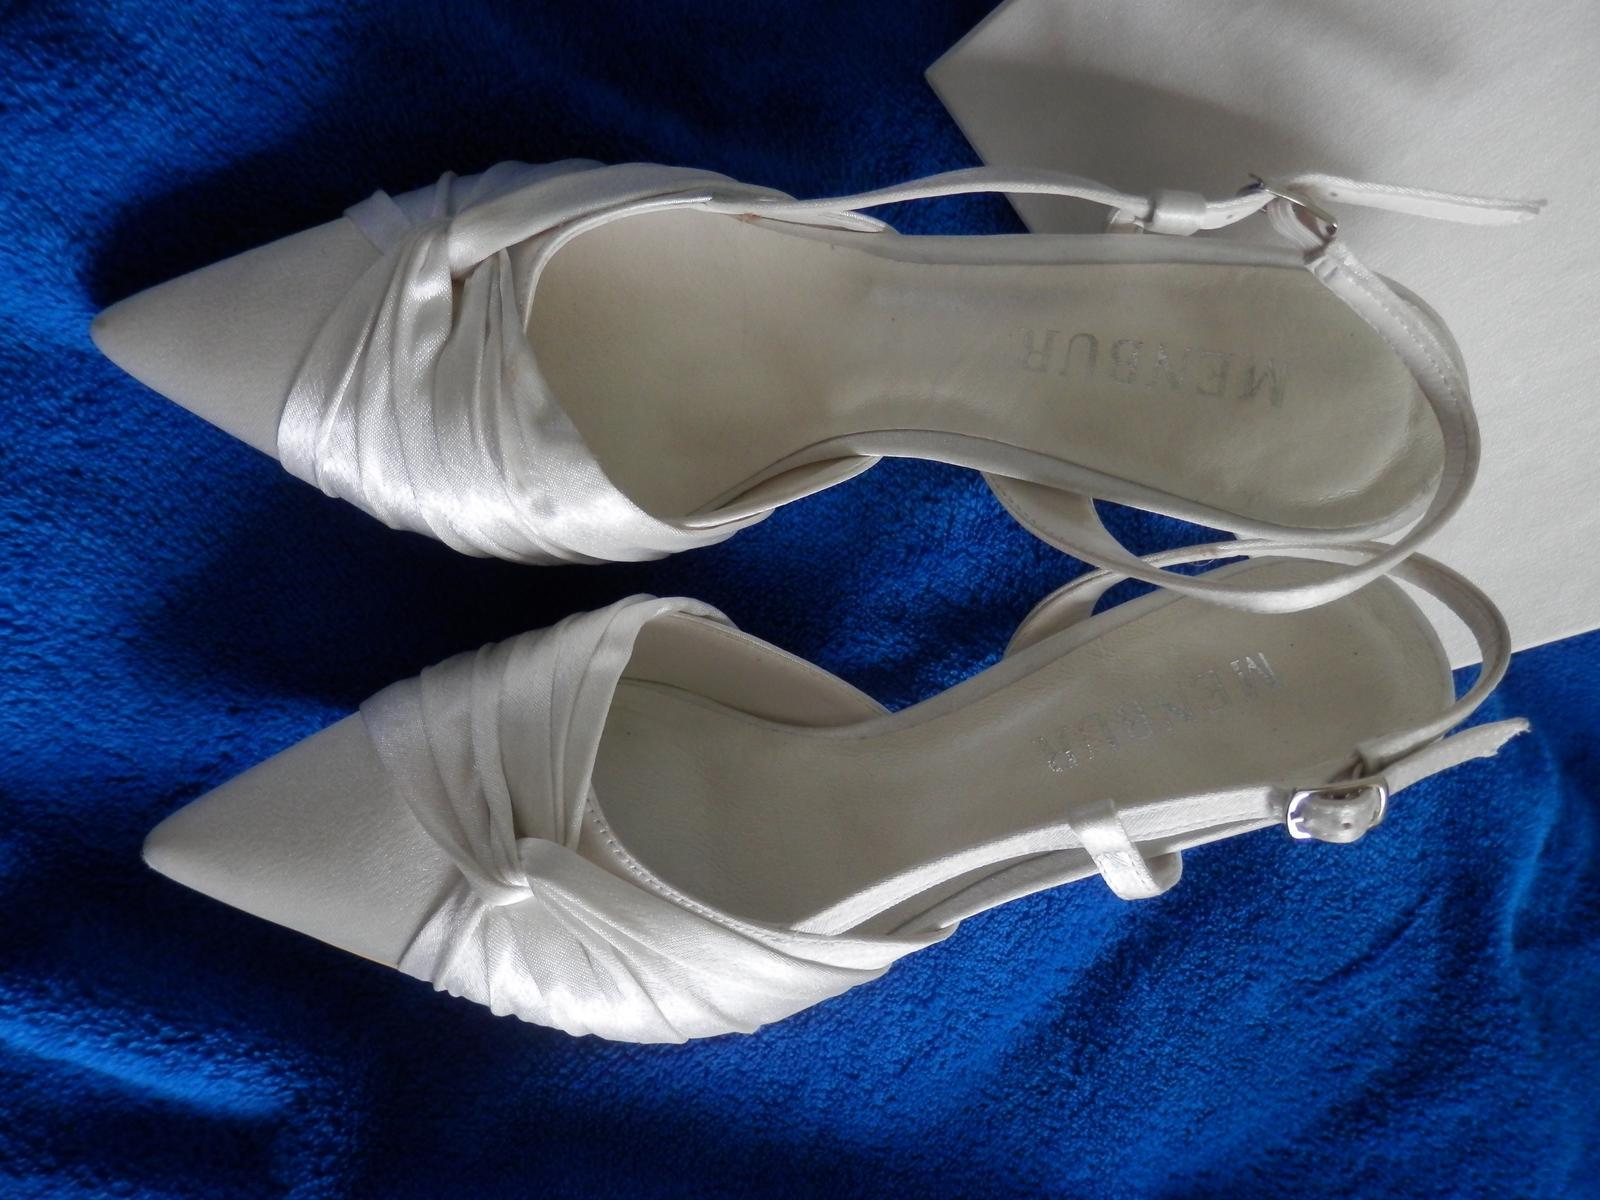 Svadobné topánky španielskej značky MENBUR  - Obrázok č. 1